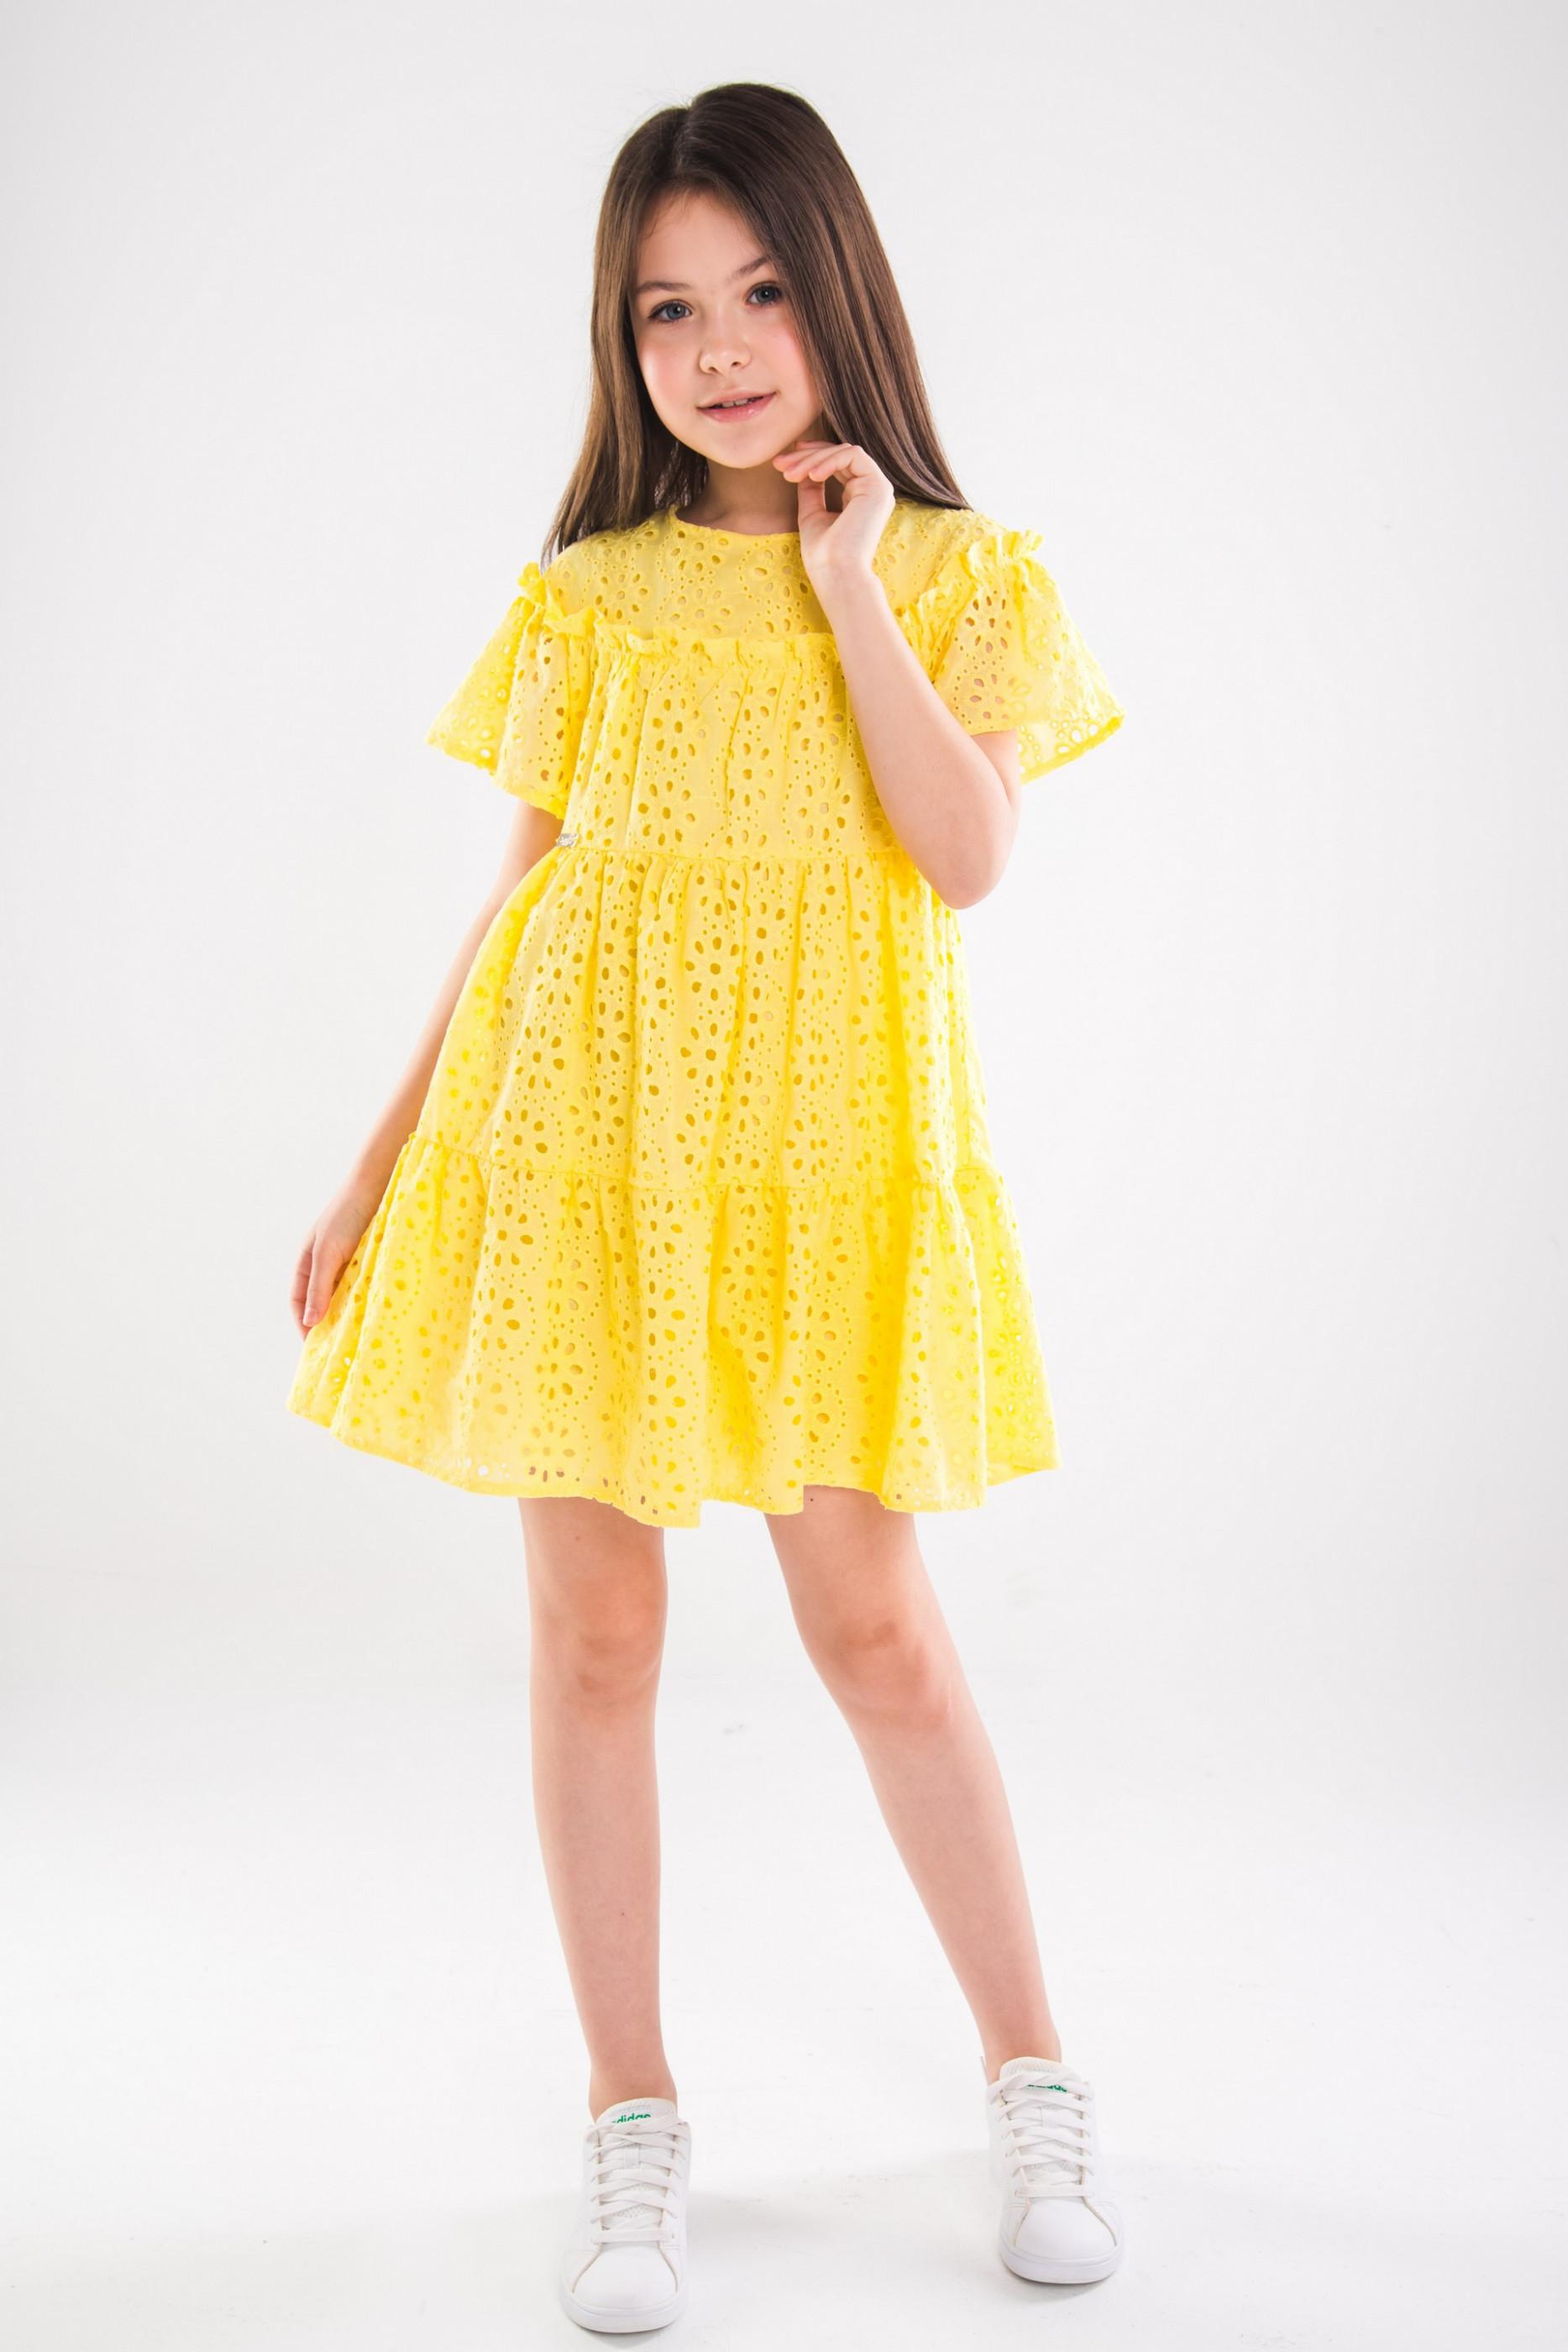 Плаття Амі, фото №1